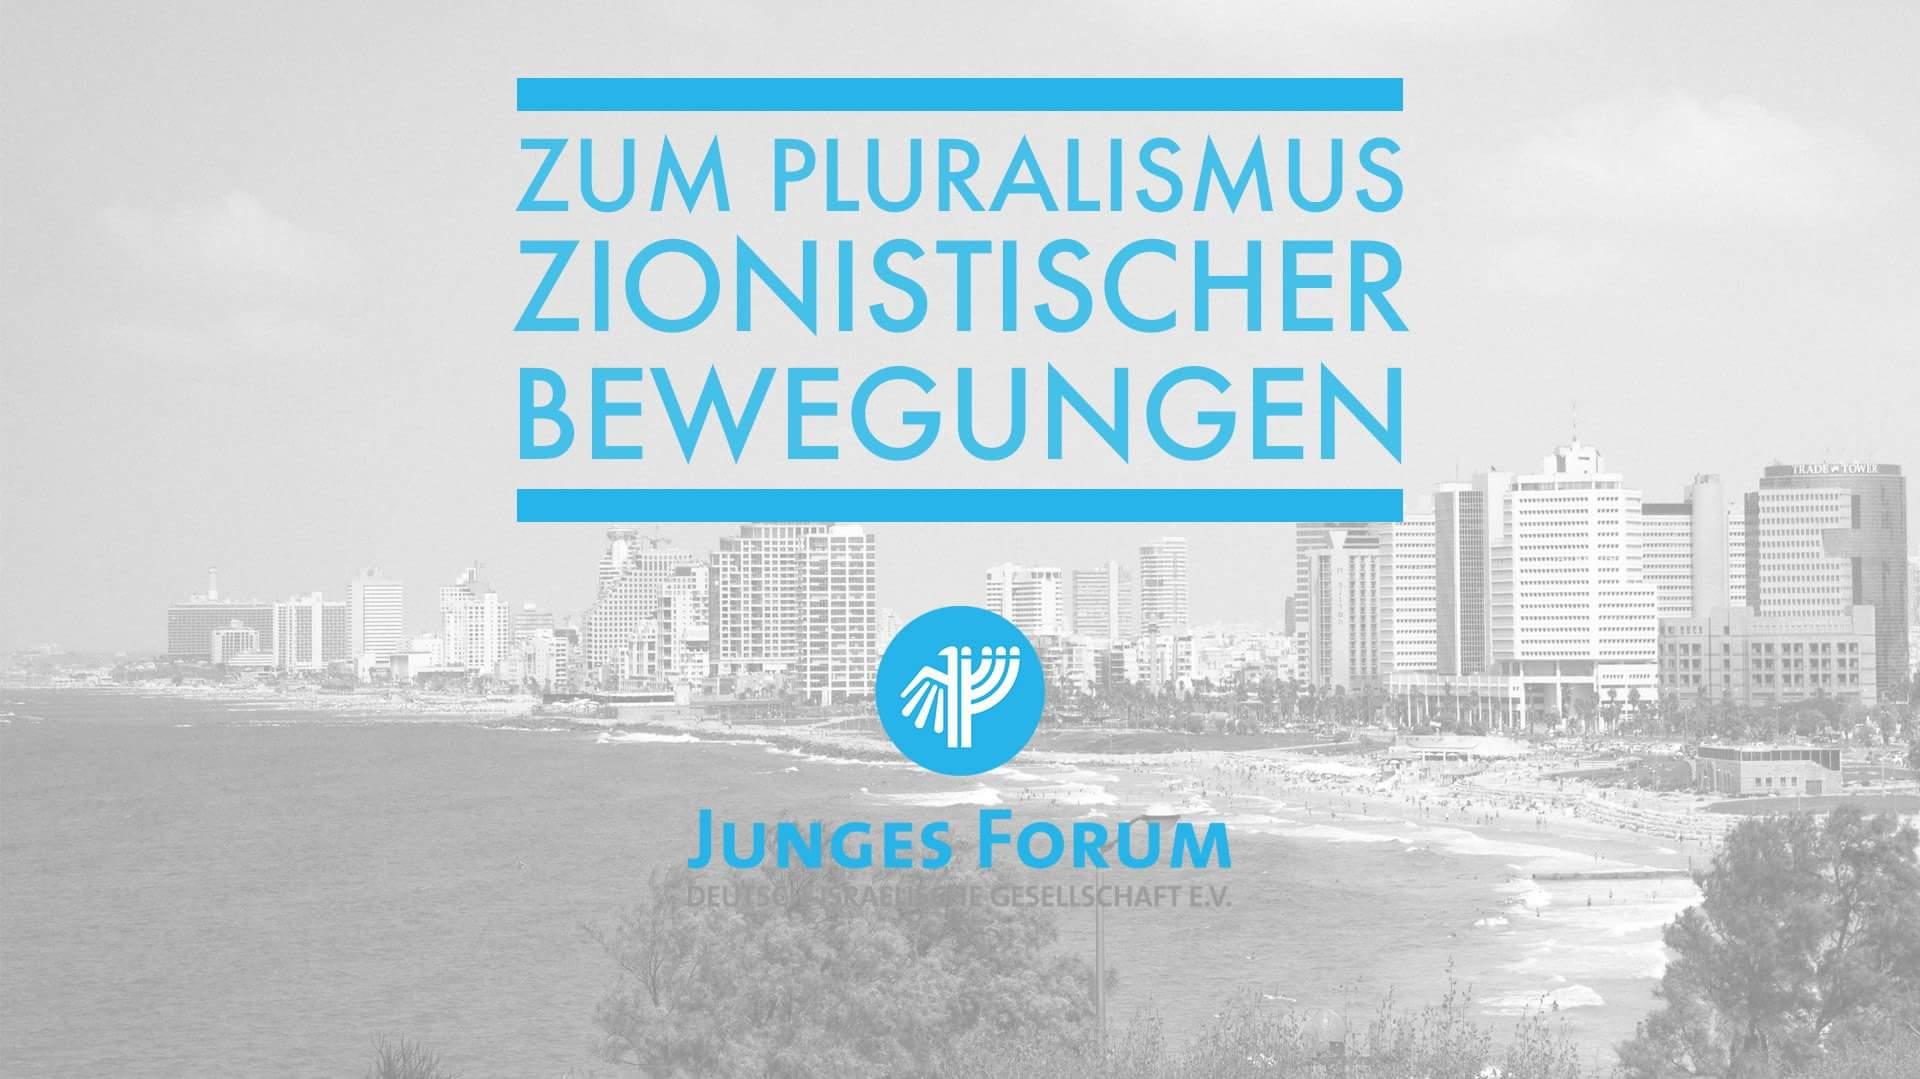 Vortrag in Essen: Zum Pluralismus zionistischer Bewegungen ...